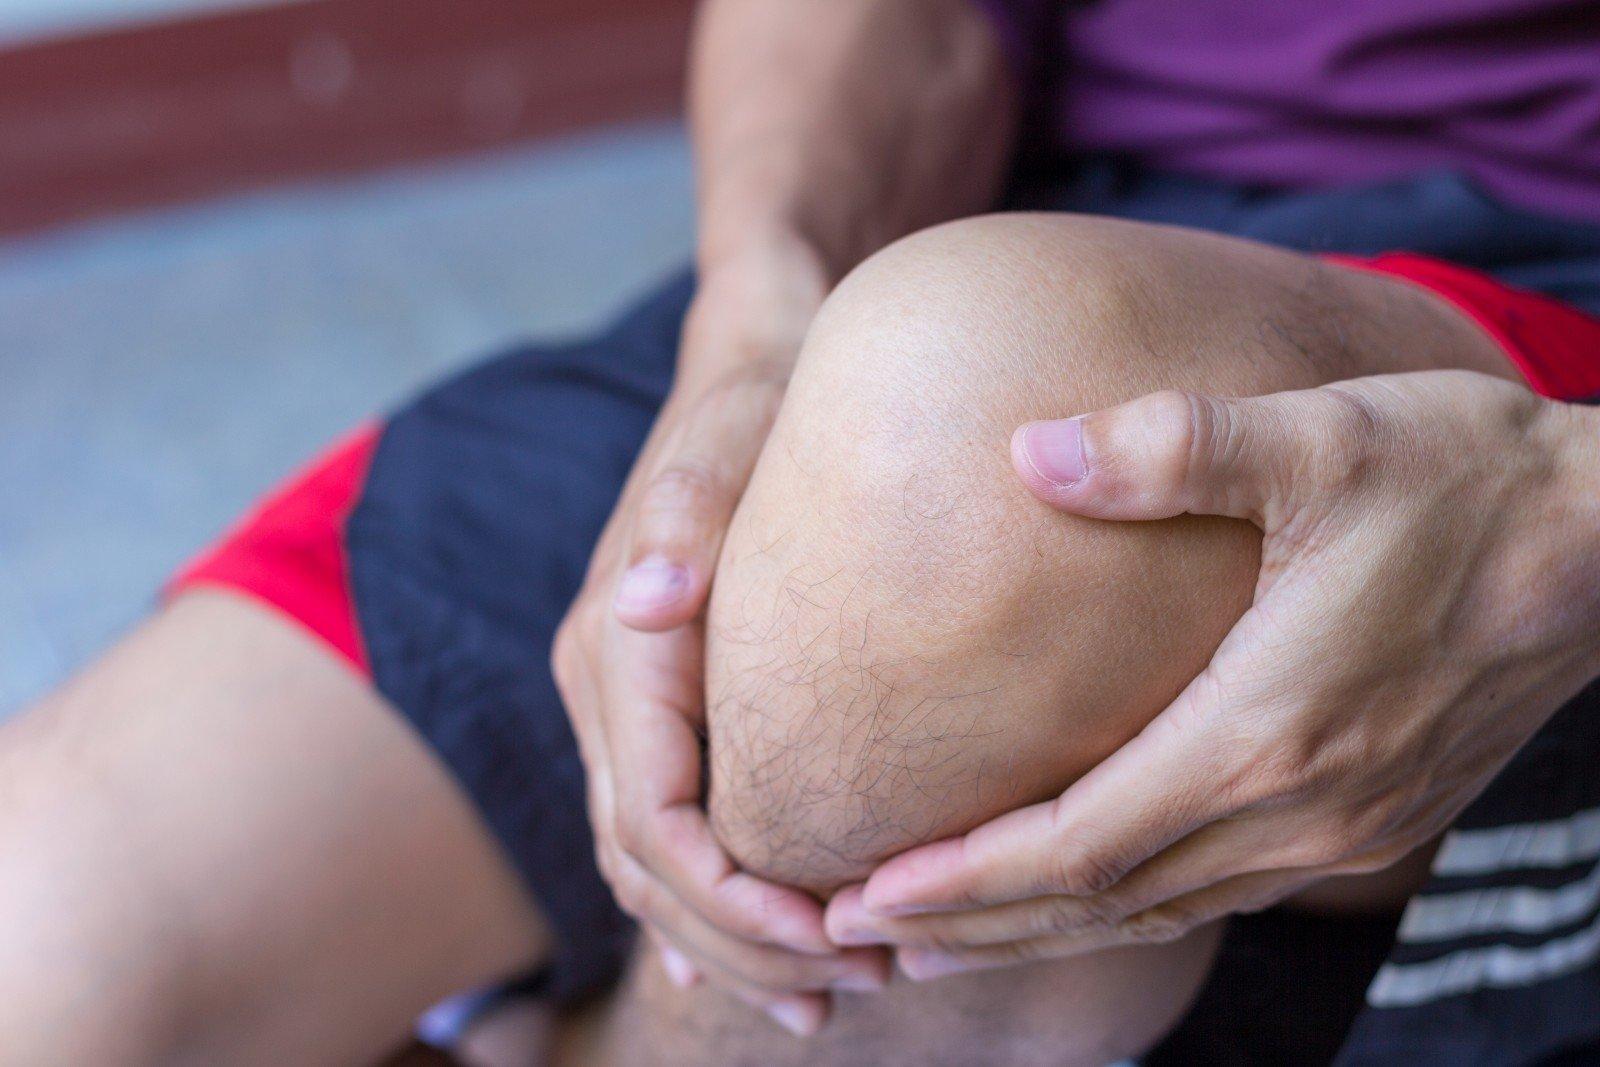 gydymas traumos į bendrą šepečiu sąnarių skausmas dėl liaudies gynimo priemonių pirštų